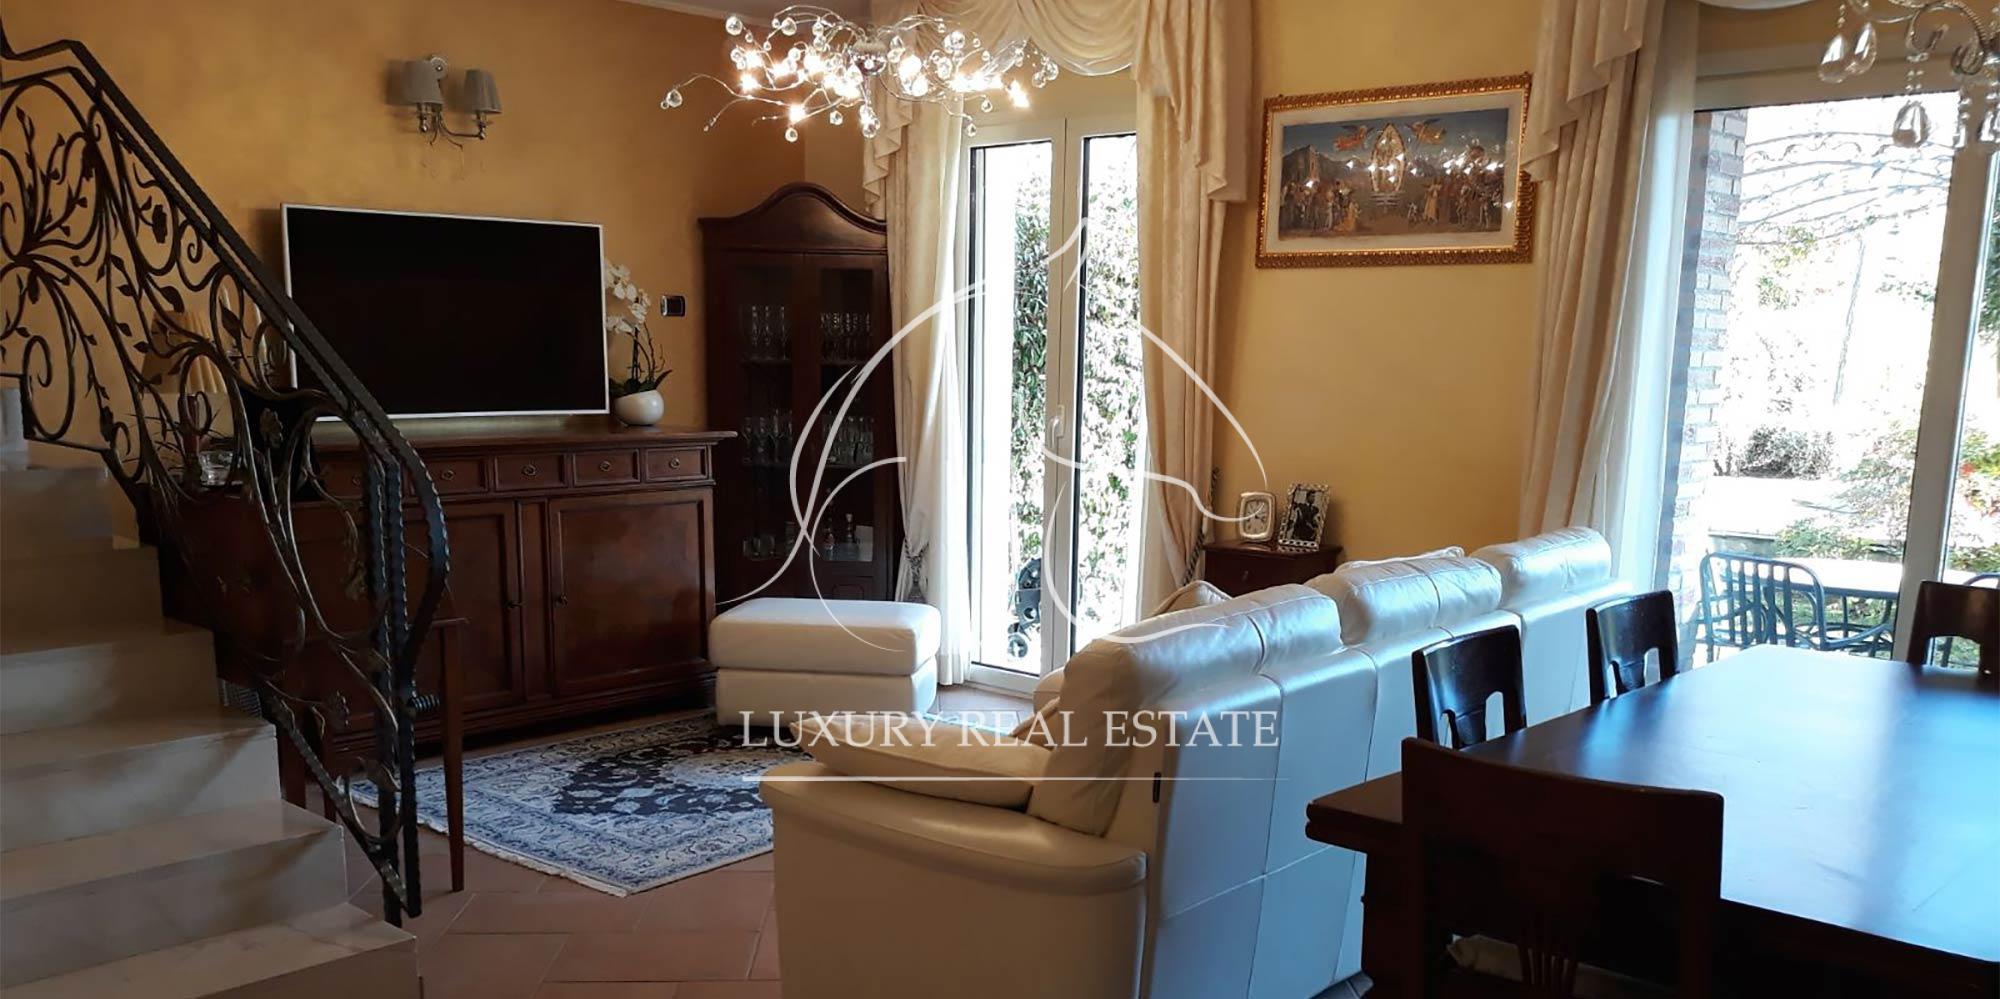 Rif. 185 Villa in bellissima zona residenziale con giardino privato e vista mare in zona Cailungo (RSM)